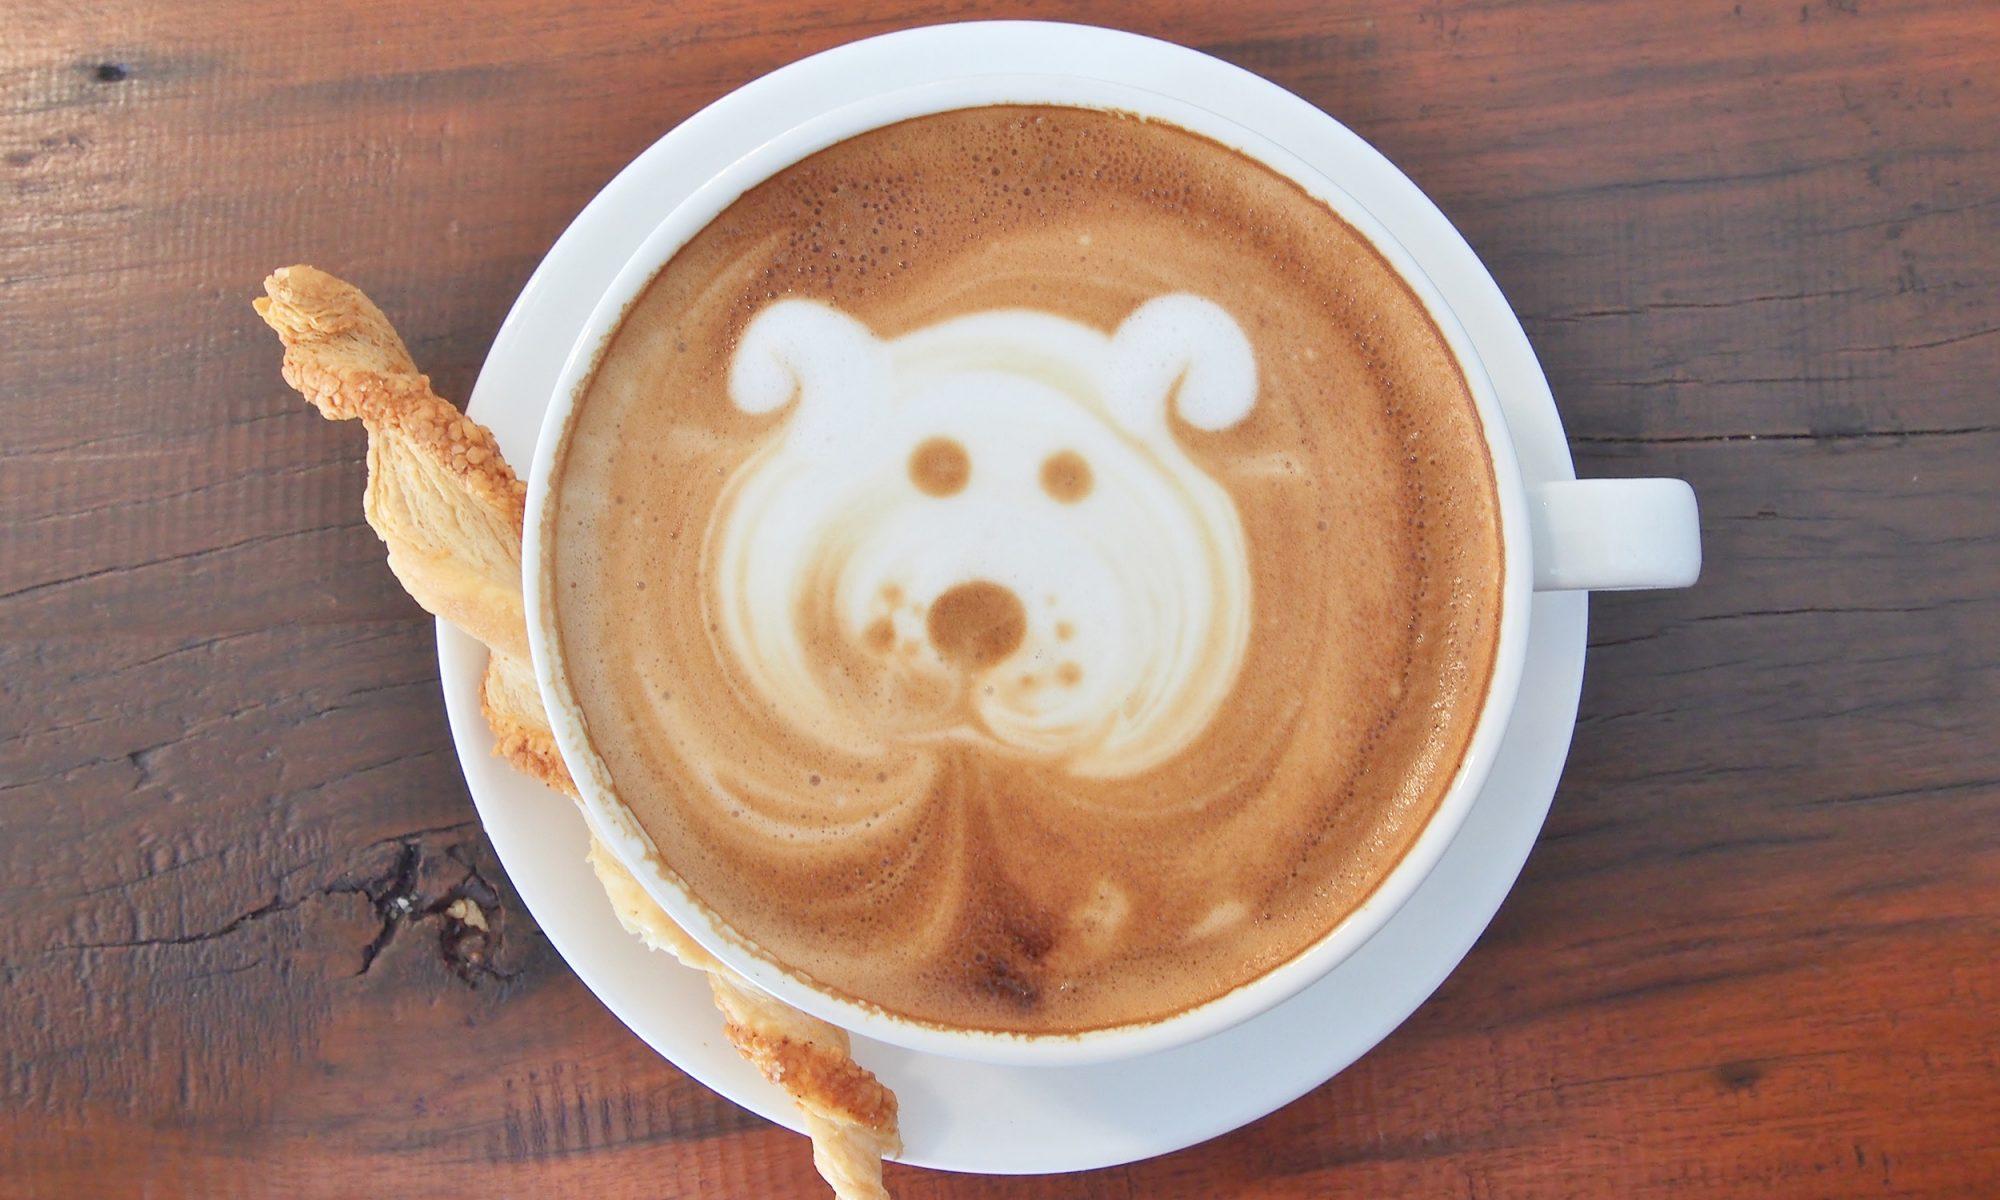 EC: The Cutest Latte Art Dogs of Instagram